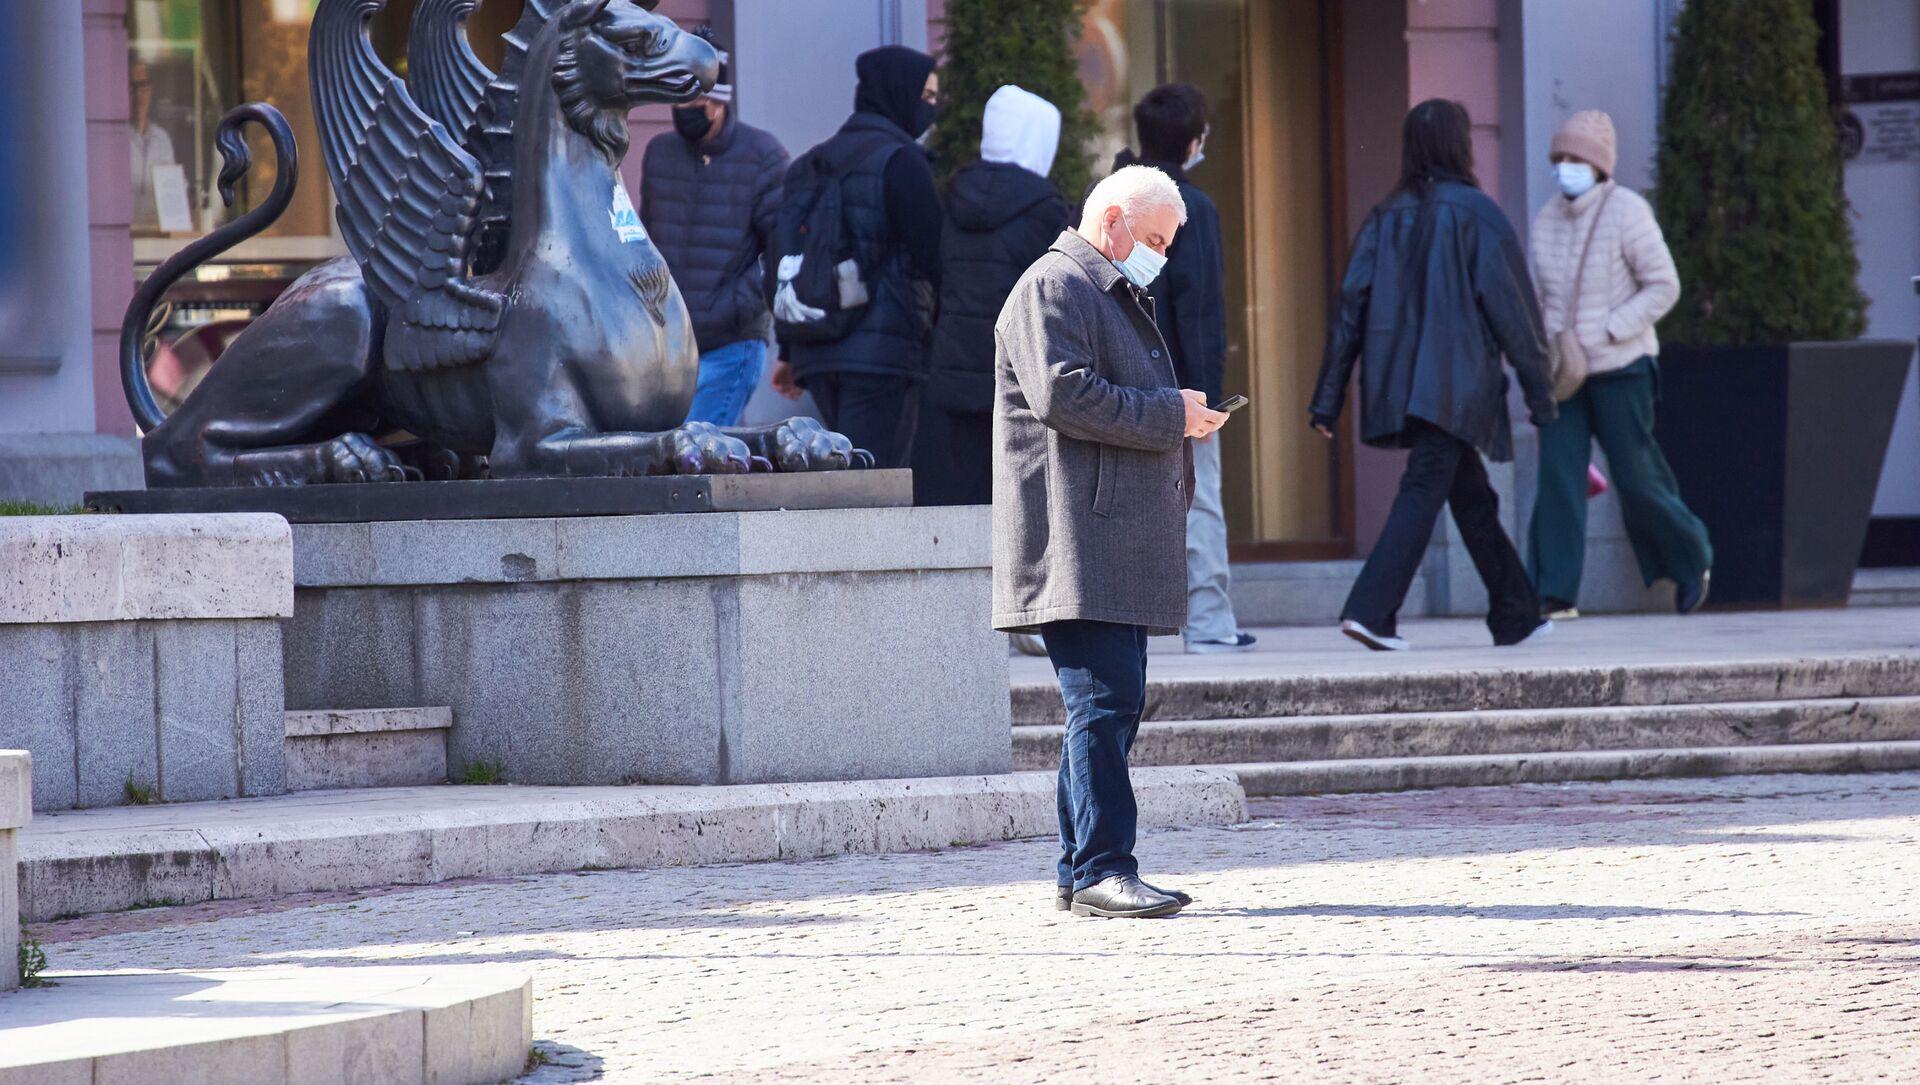 Эпидемия коронавируса - прохожие на улице в масках - Sputnik Грузия, 1920, 01.04.2021